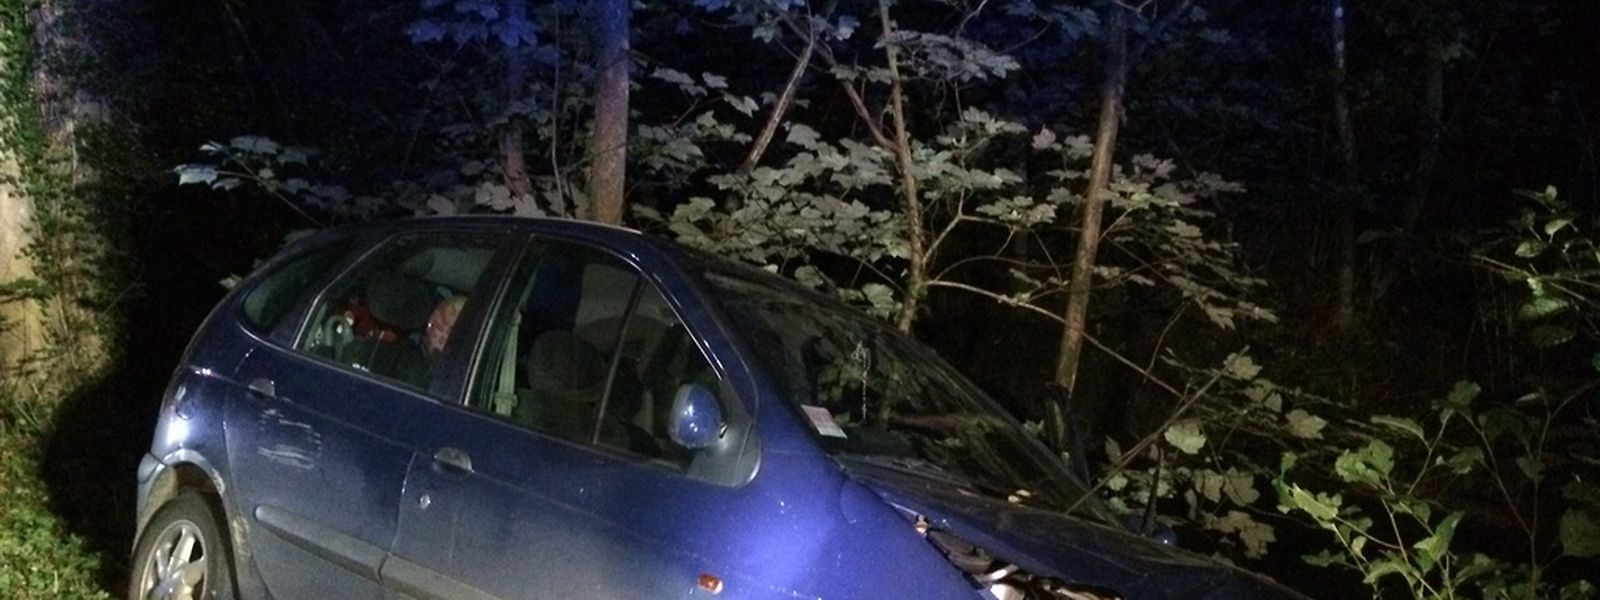 No acidente perto de Larochette, o motorista ficou com ferimentos ligeiros